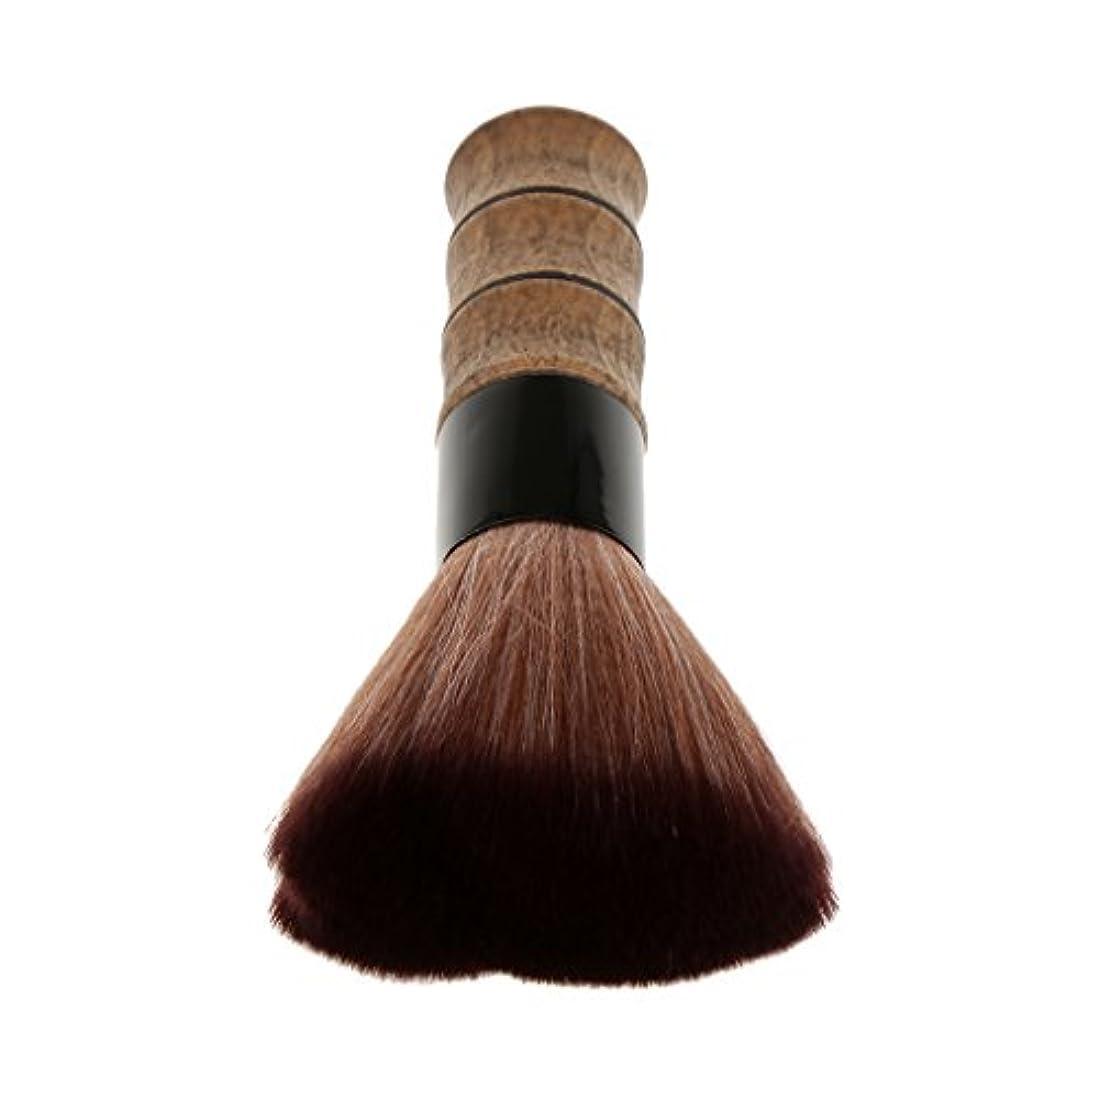 敬の念の面では部族Perfk シェービングブラシ 洗顔 美容ブラシ メイクブラシ ソフトファイバー 竹ハンドル シェービング ブラシ スキンケア メイクアップ 2色選べる - 褐色